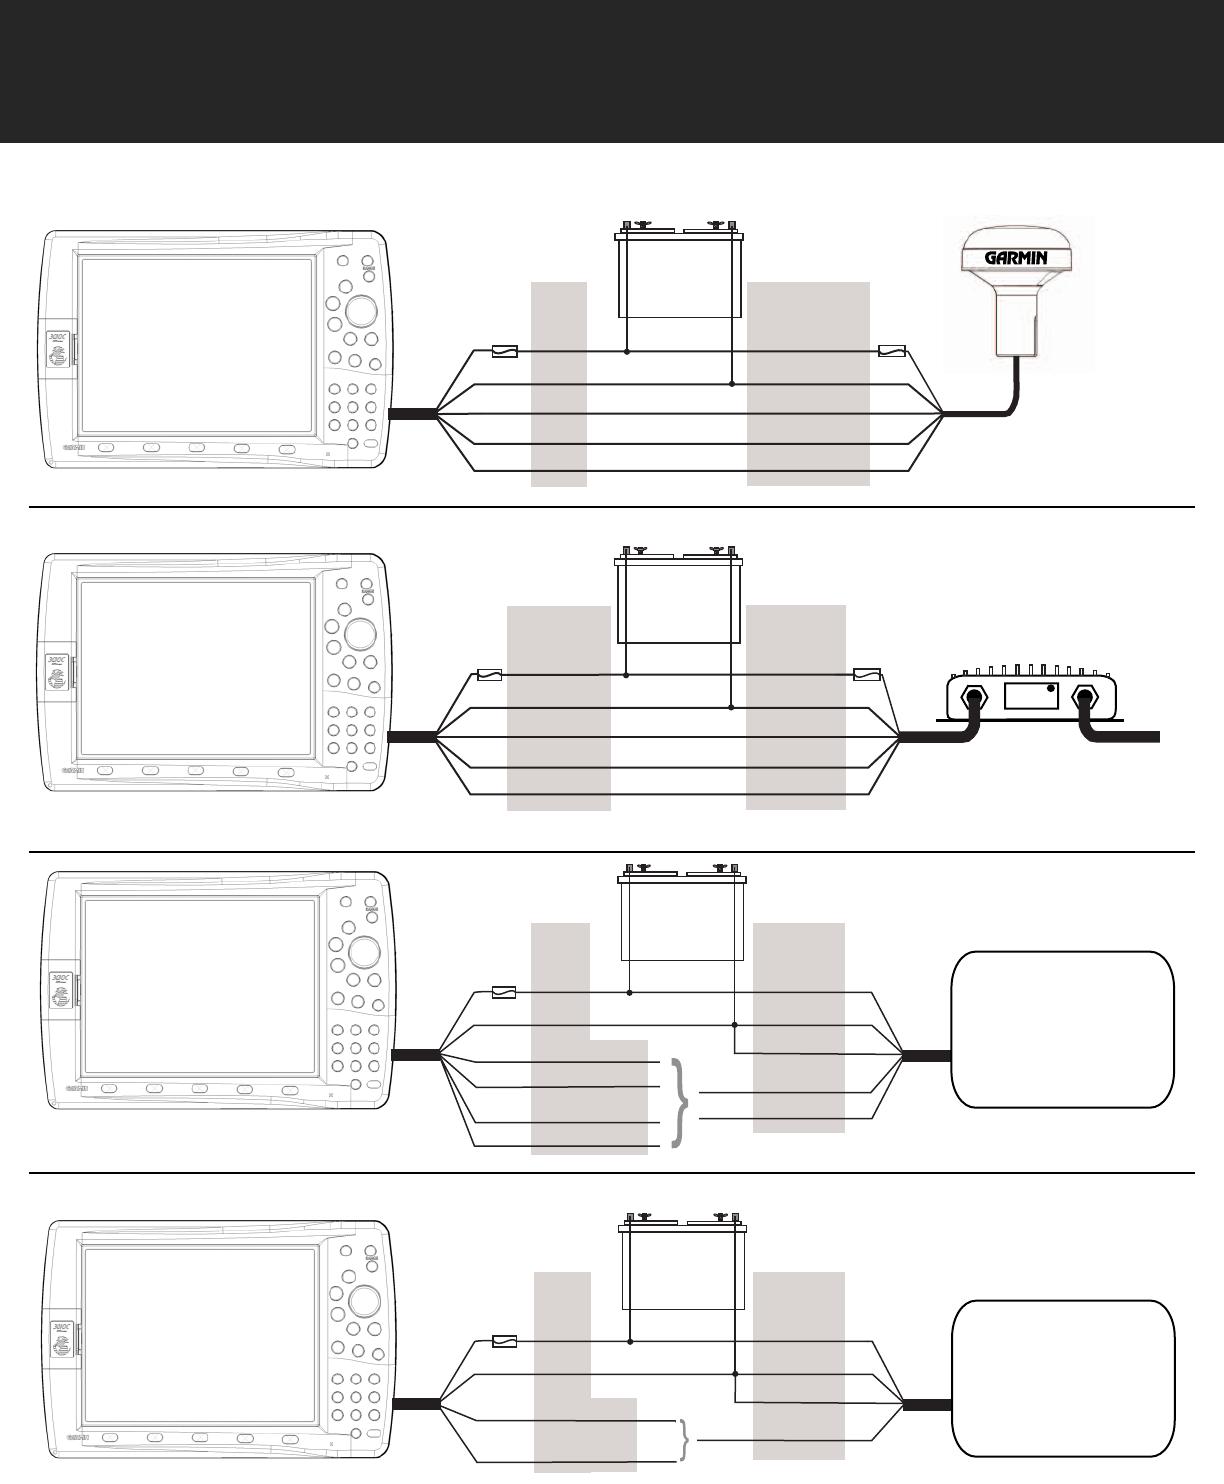 Garmin Wiring Diagram 17 | Repair Manual on